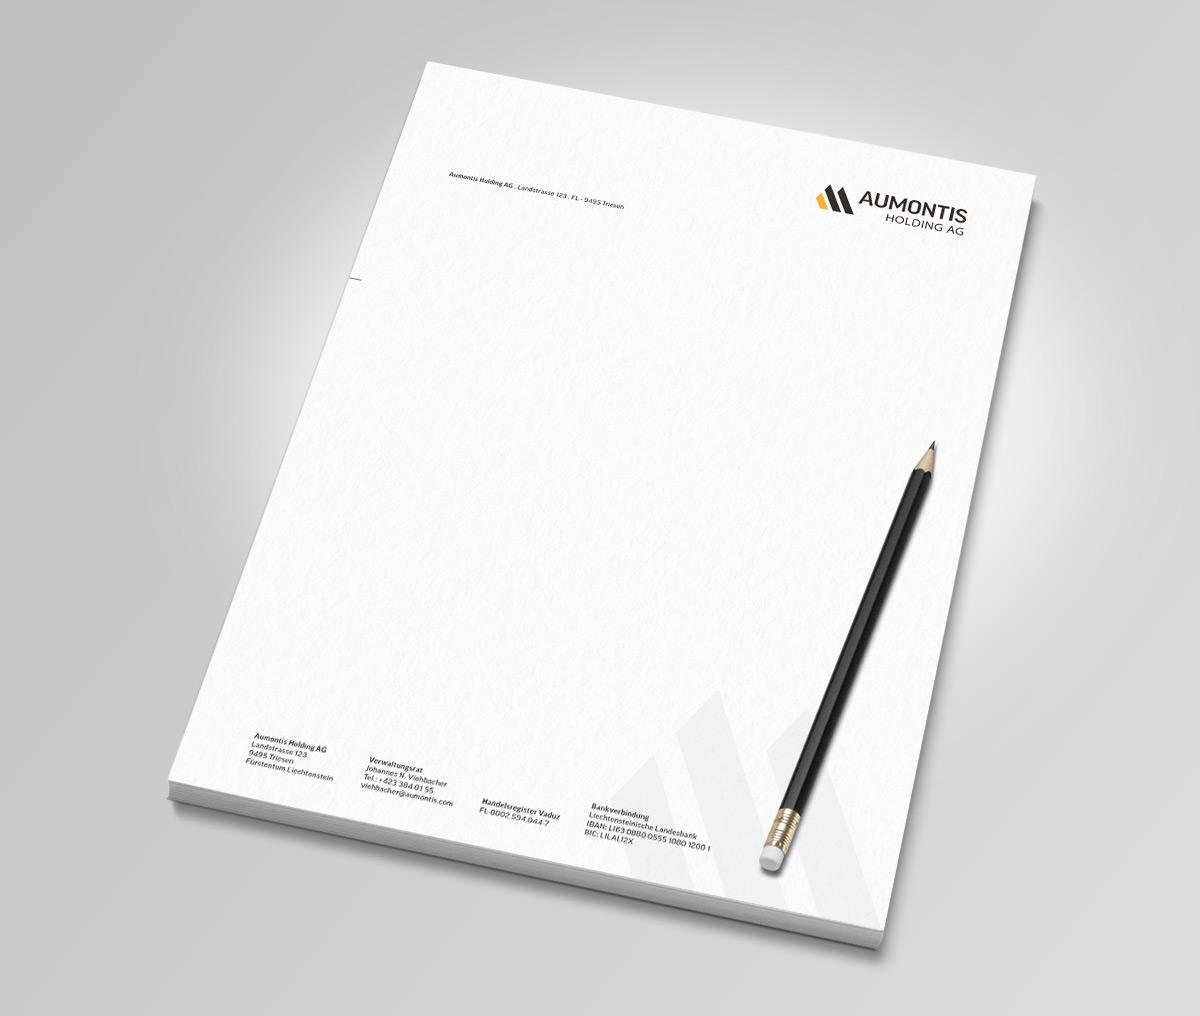 Aumontis Logoentwicklung